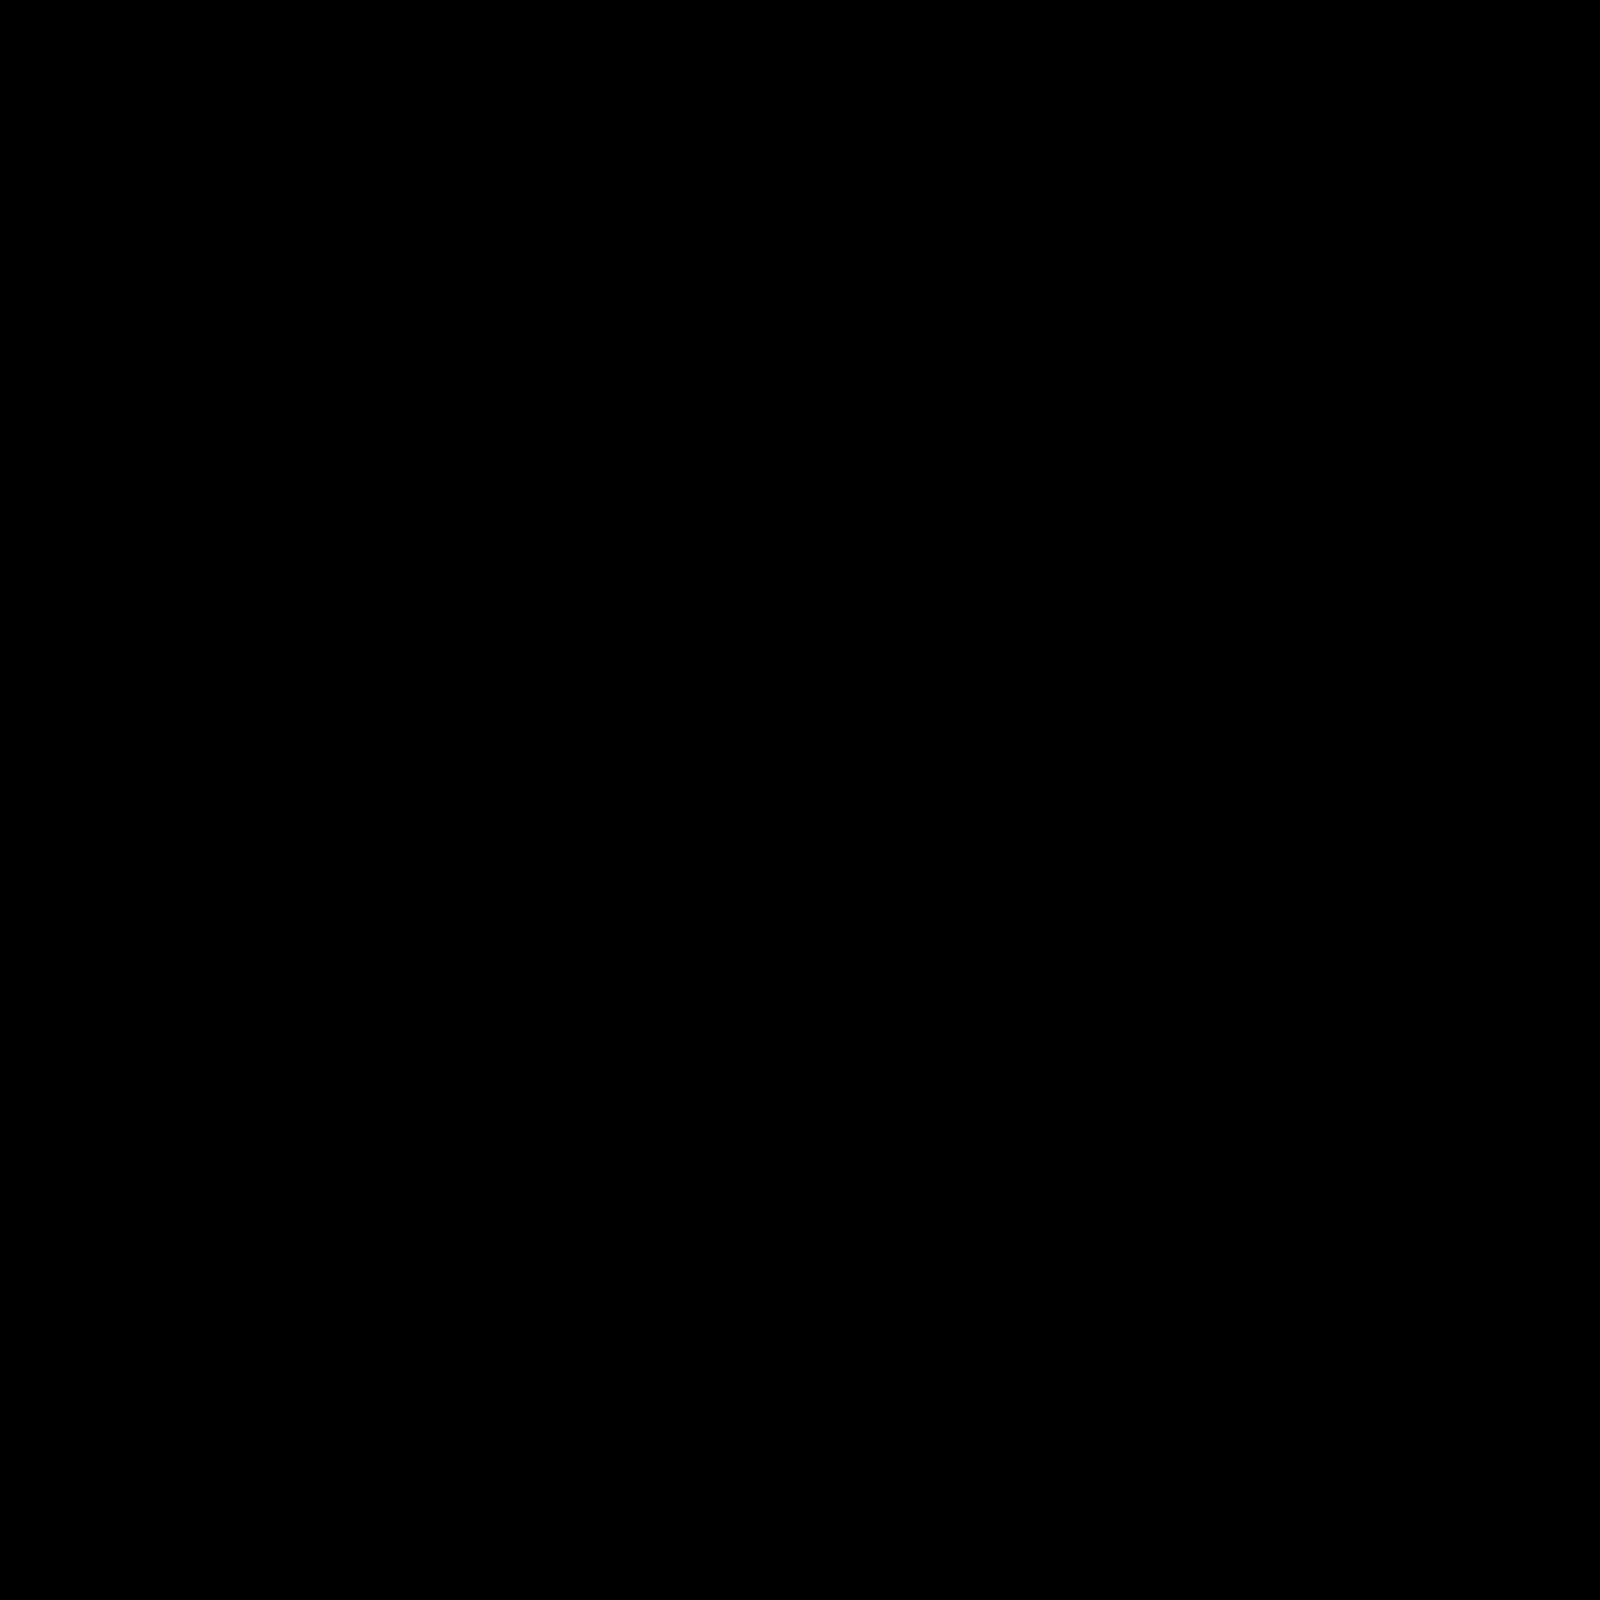 伸出舌头 icon. There is a circle. Inside the circle are two identical curved lines (like rainbows) aligned next to each other to form the eyes. Beneath them is a gently curved line like a smile. extending from the lower part of this line is an arc shape.